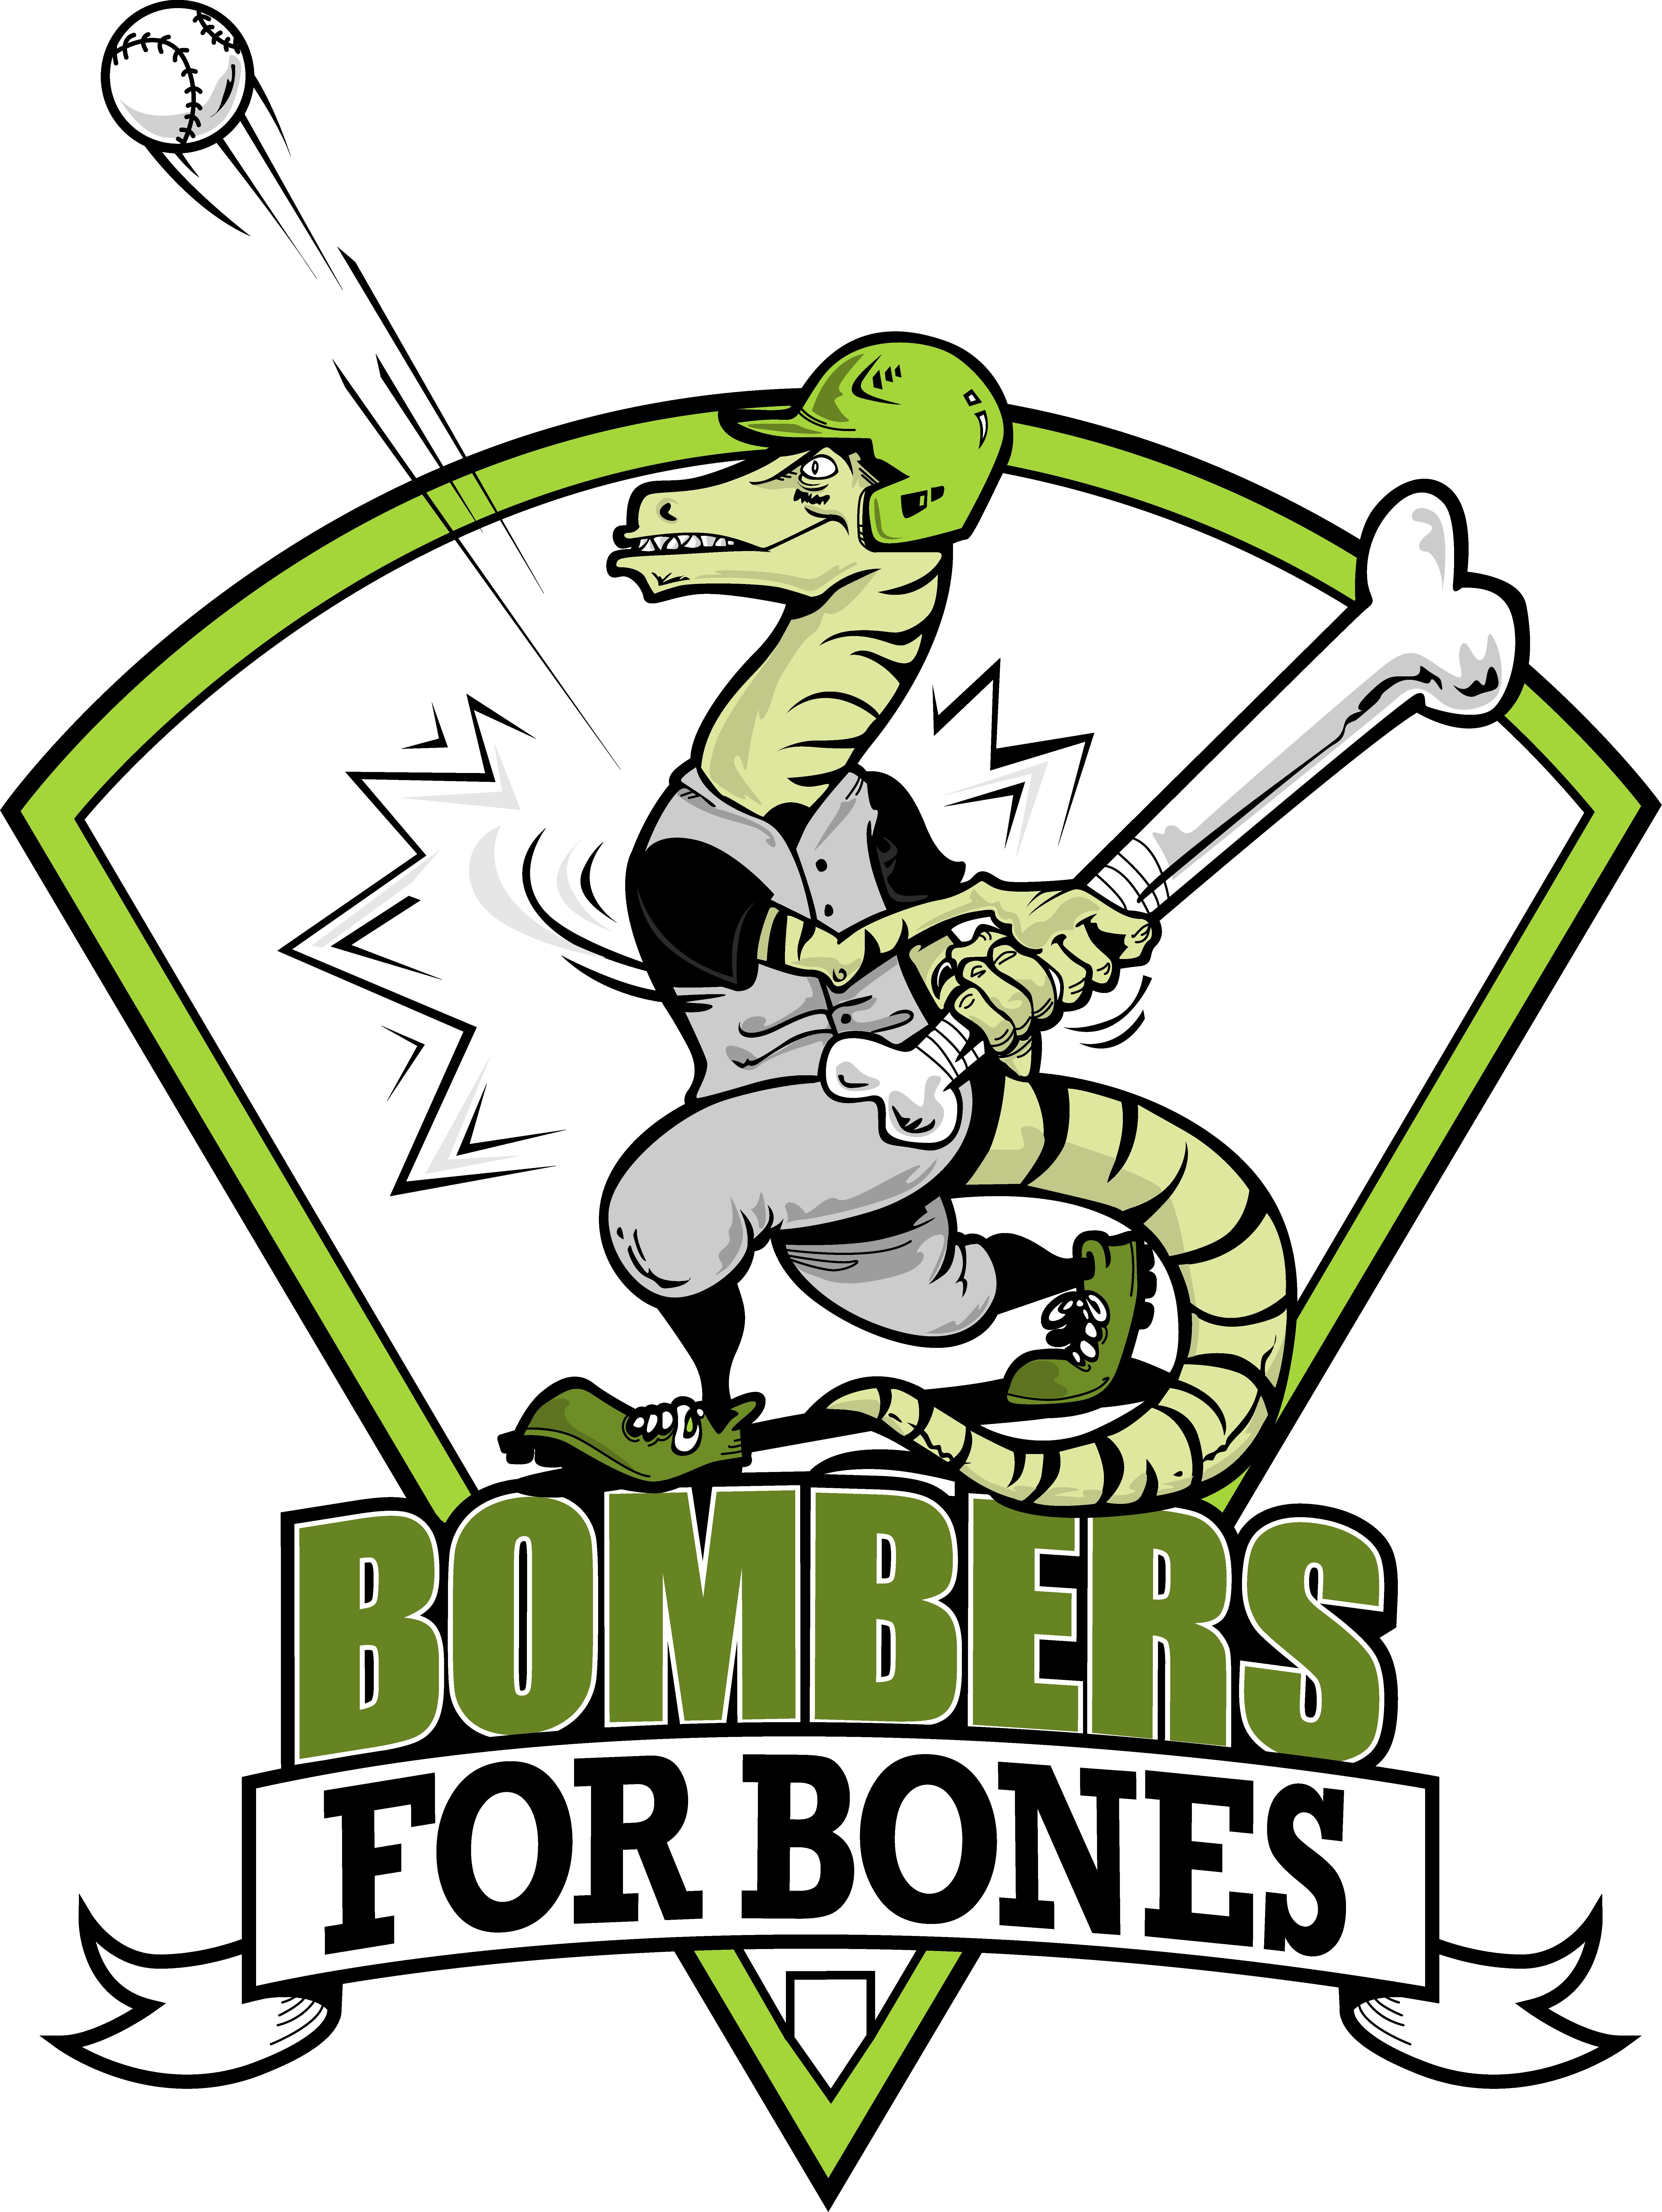 Bombers_for_Bones.jpg